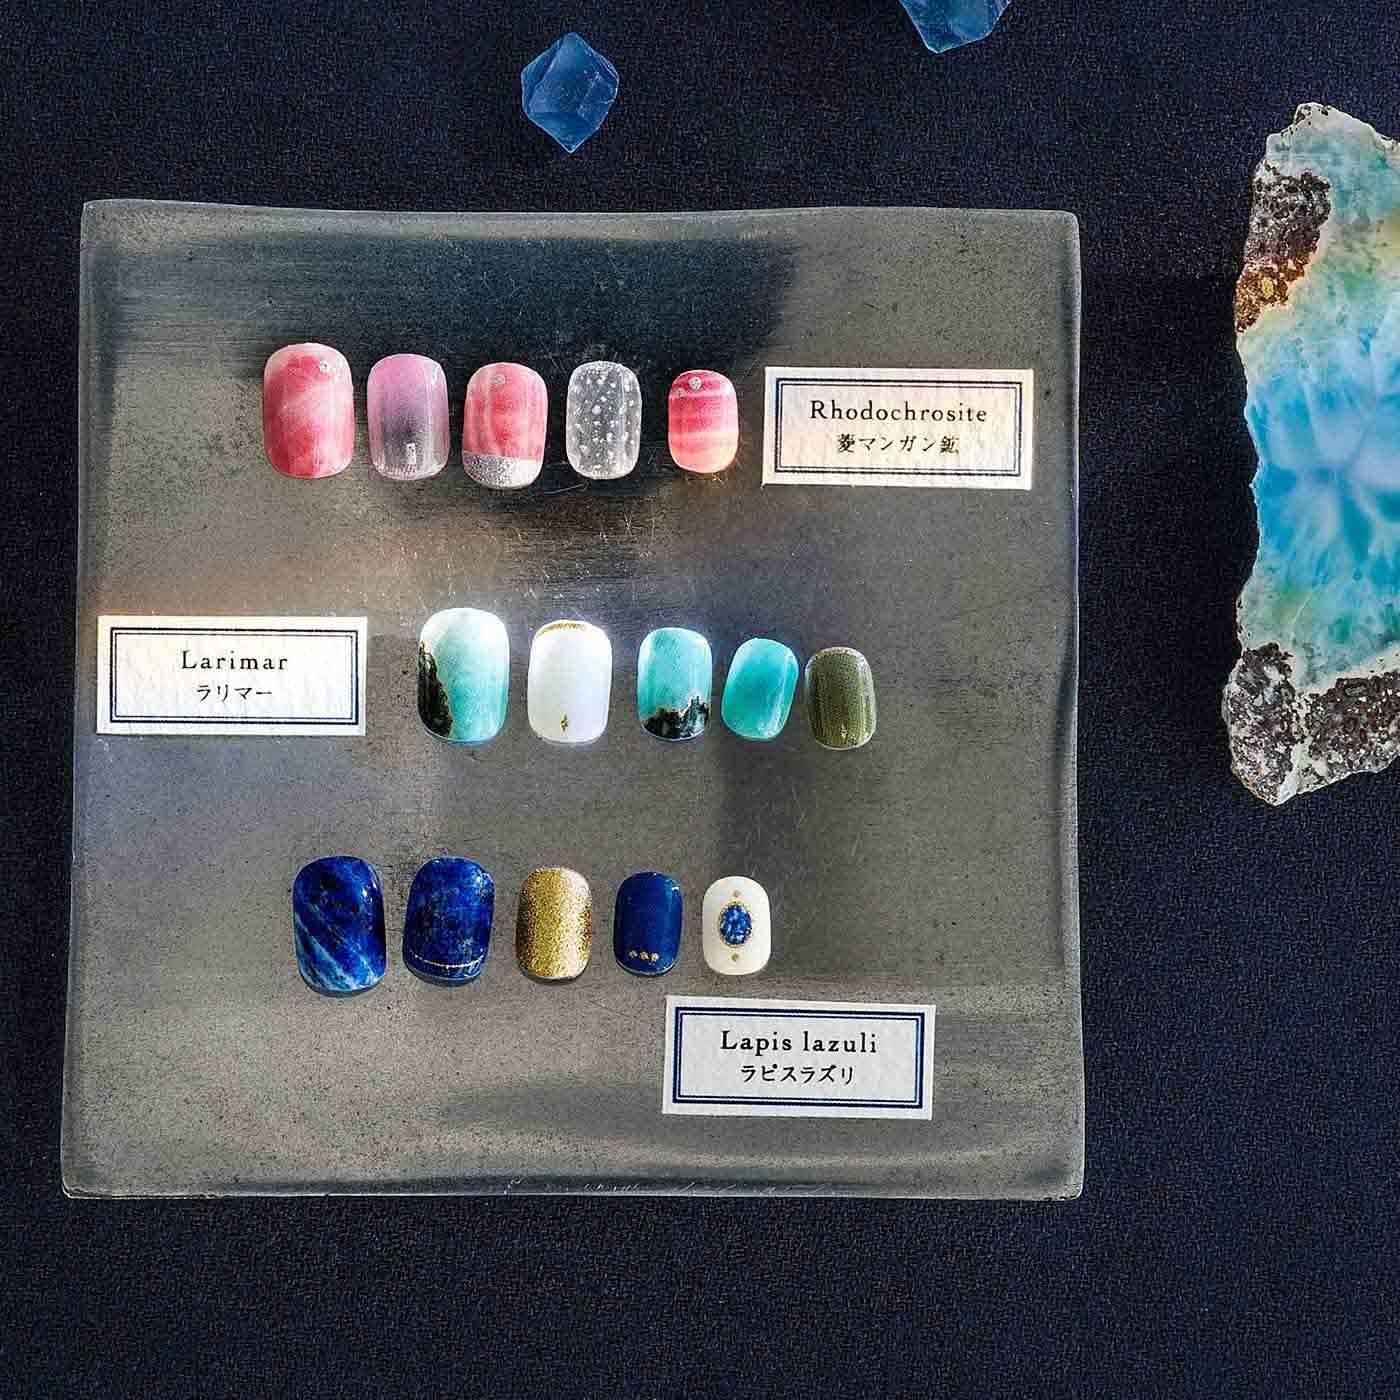 リブ イン コンフォート 「きらら舎」さとうかよこさんと作った 地球46億年のロマンを指先に 本物みたいな鉱物ネイルシールの会